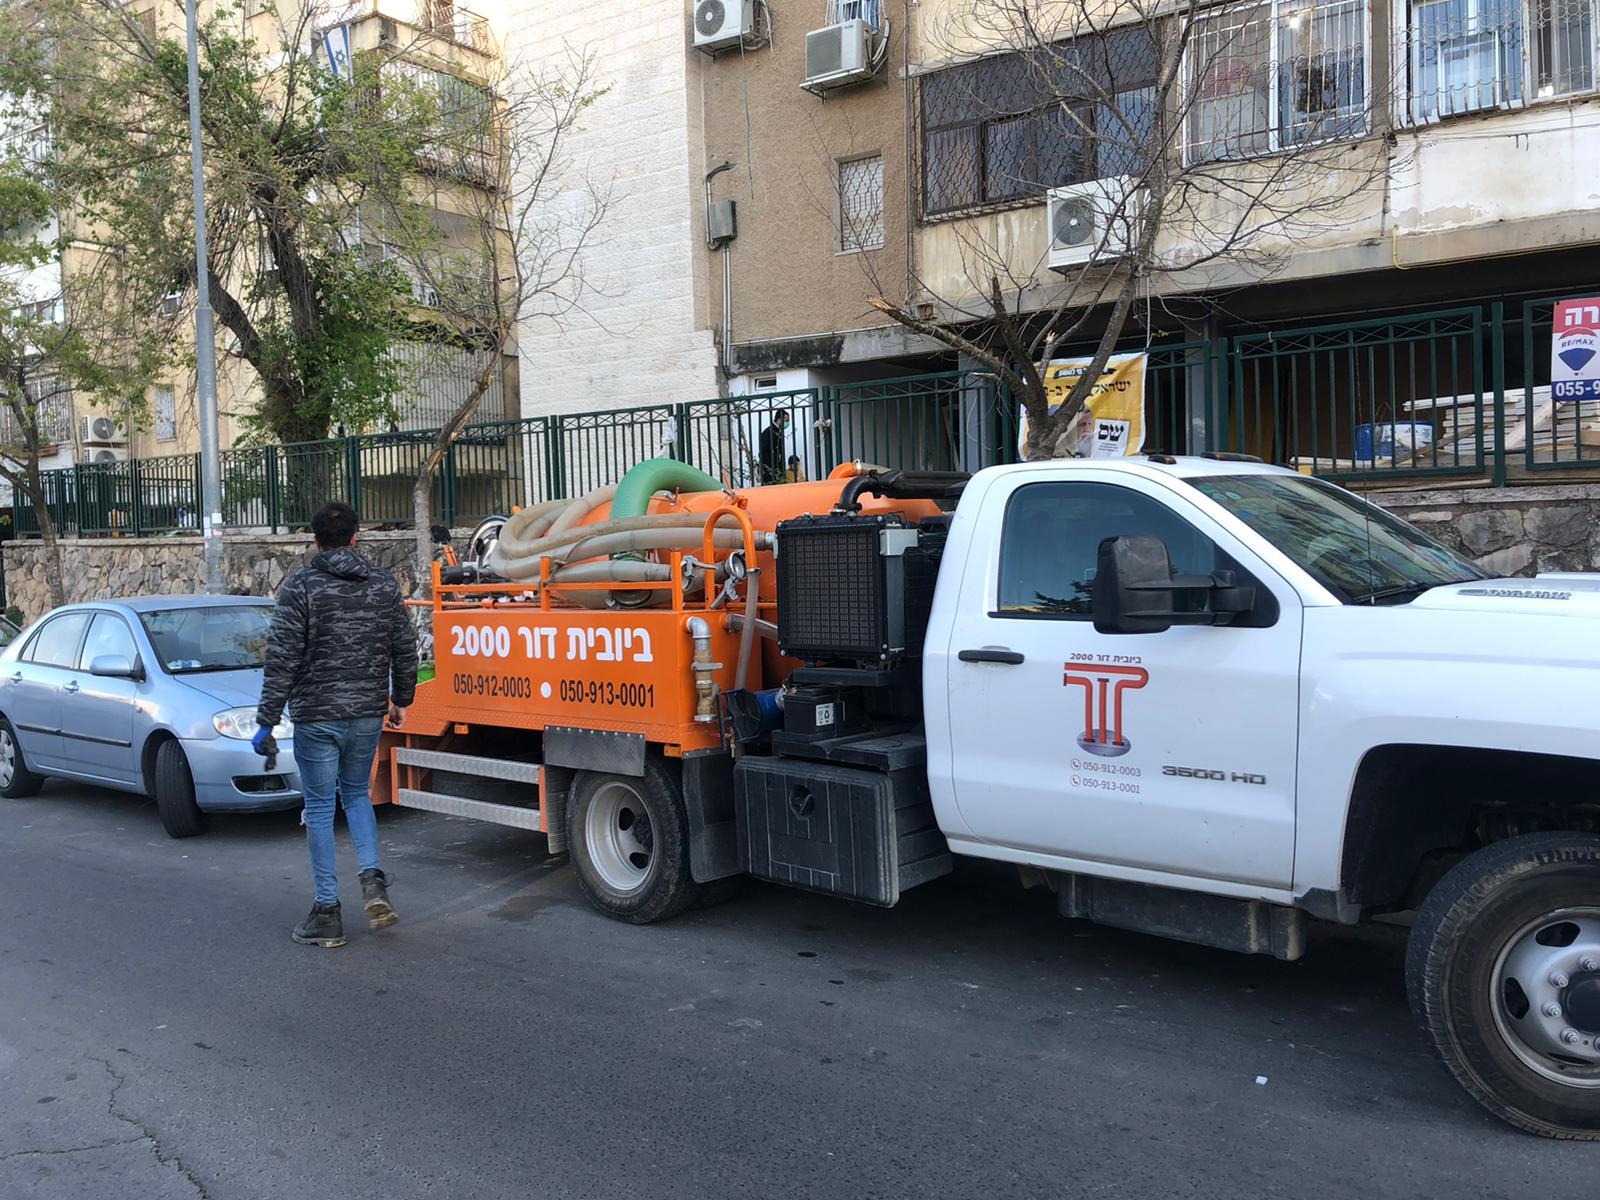 עבודת שורשים בעיר גנים ירושלים , ופתיחת סתימה בניין מגורים משותף.